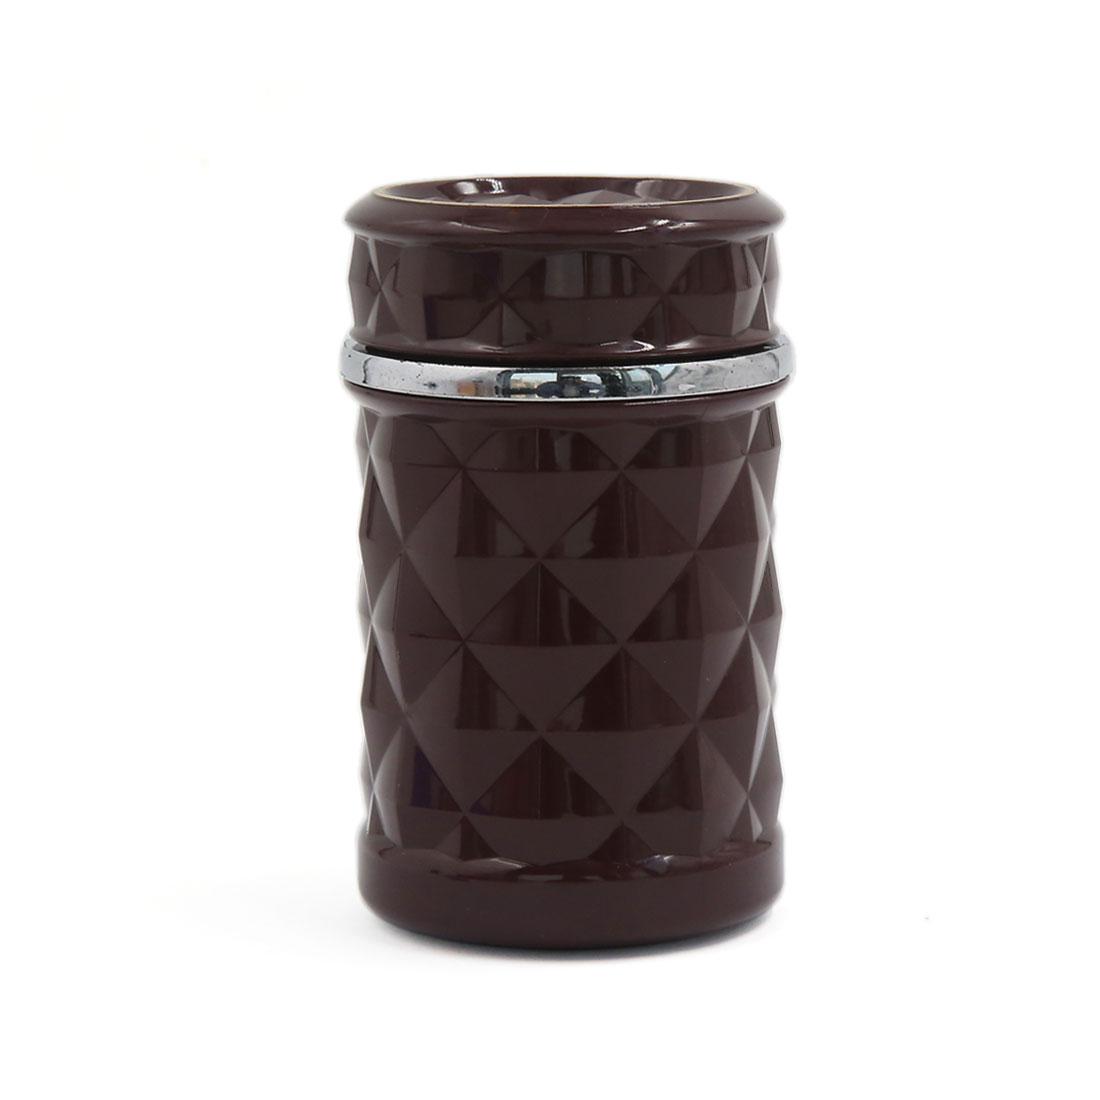 Portable Blue LED Light Ashtray Car Cigarette Ash Cylinder Holder Cup Burgundy